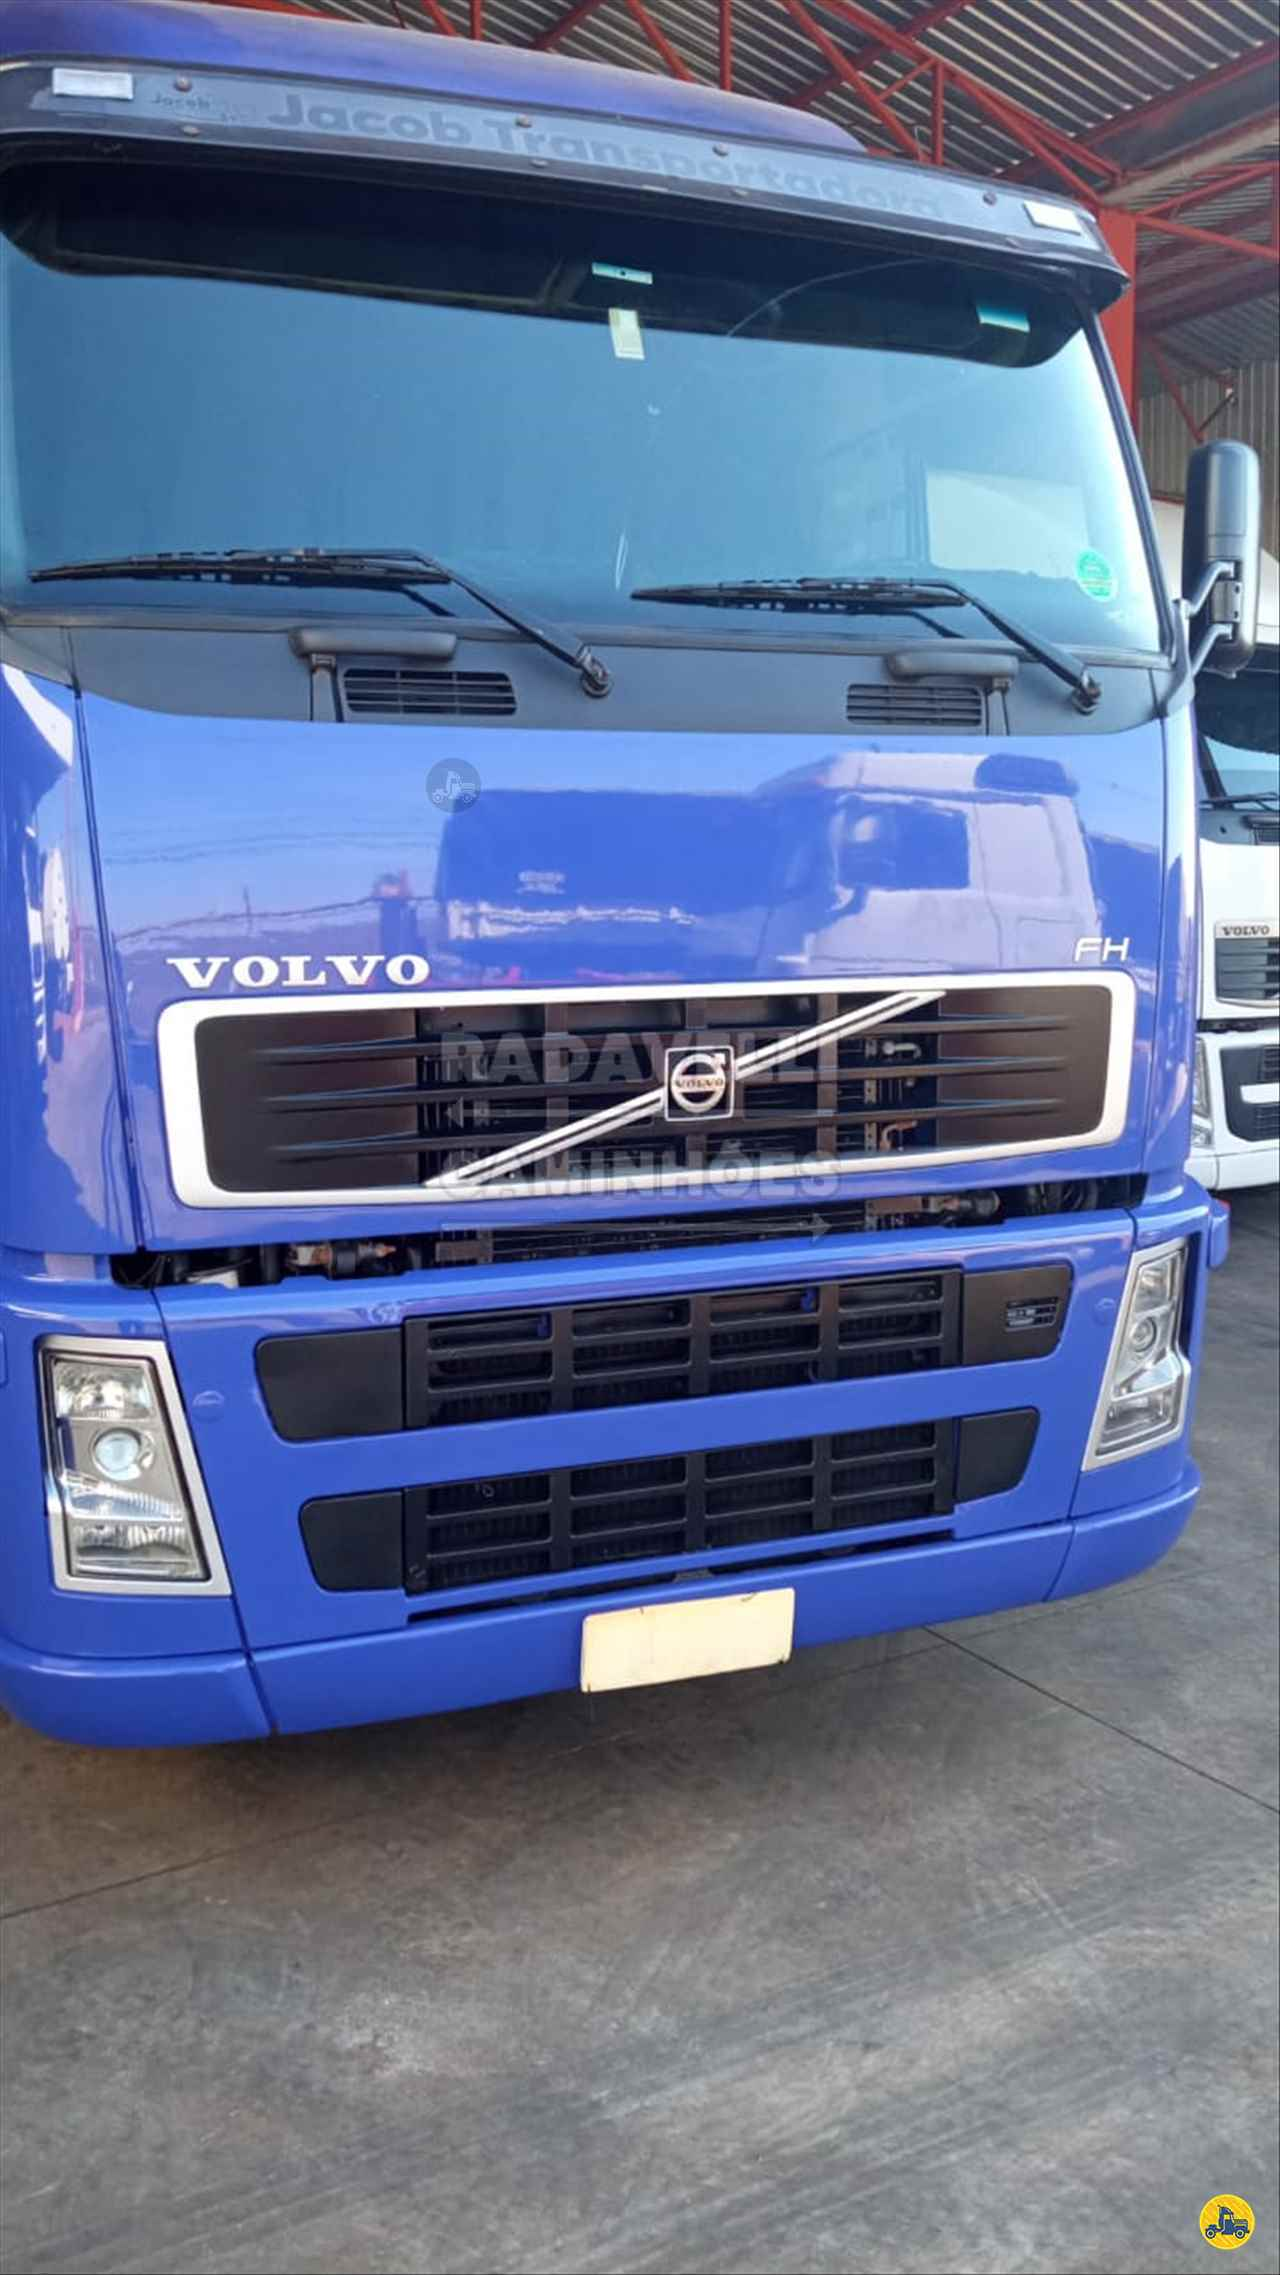 CAMINHAO VOLVO VOLVO FH 440 Cavalo Mecânico Truck 6x2 Radavelli Caminhões MATAO SÃO PAULO SP